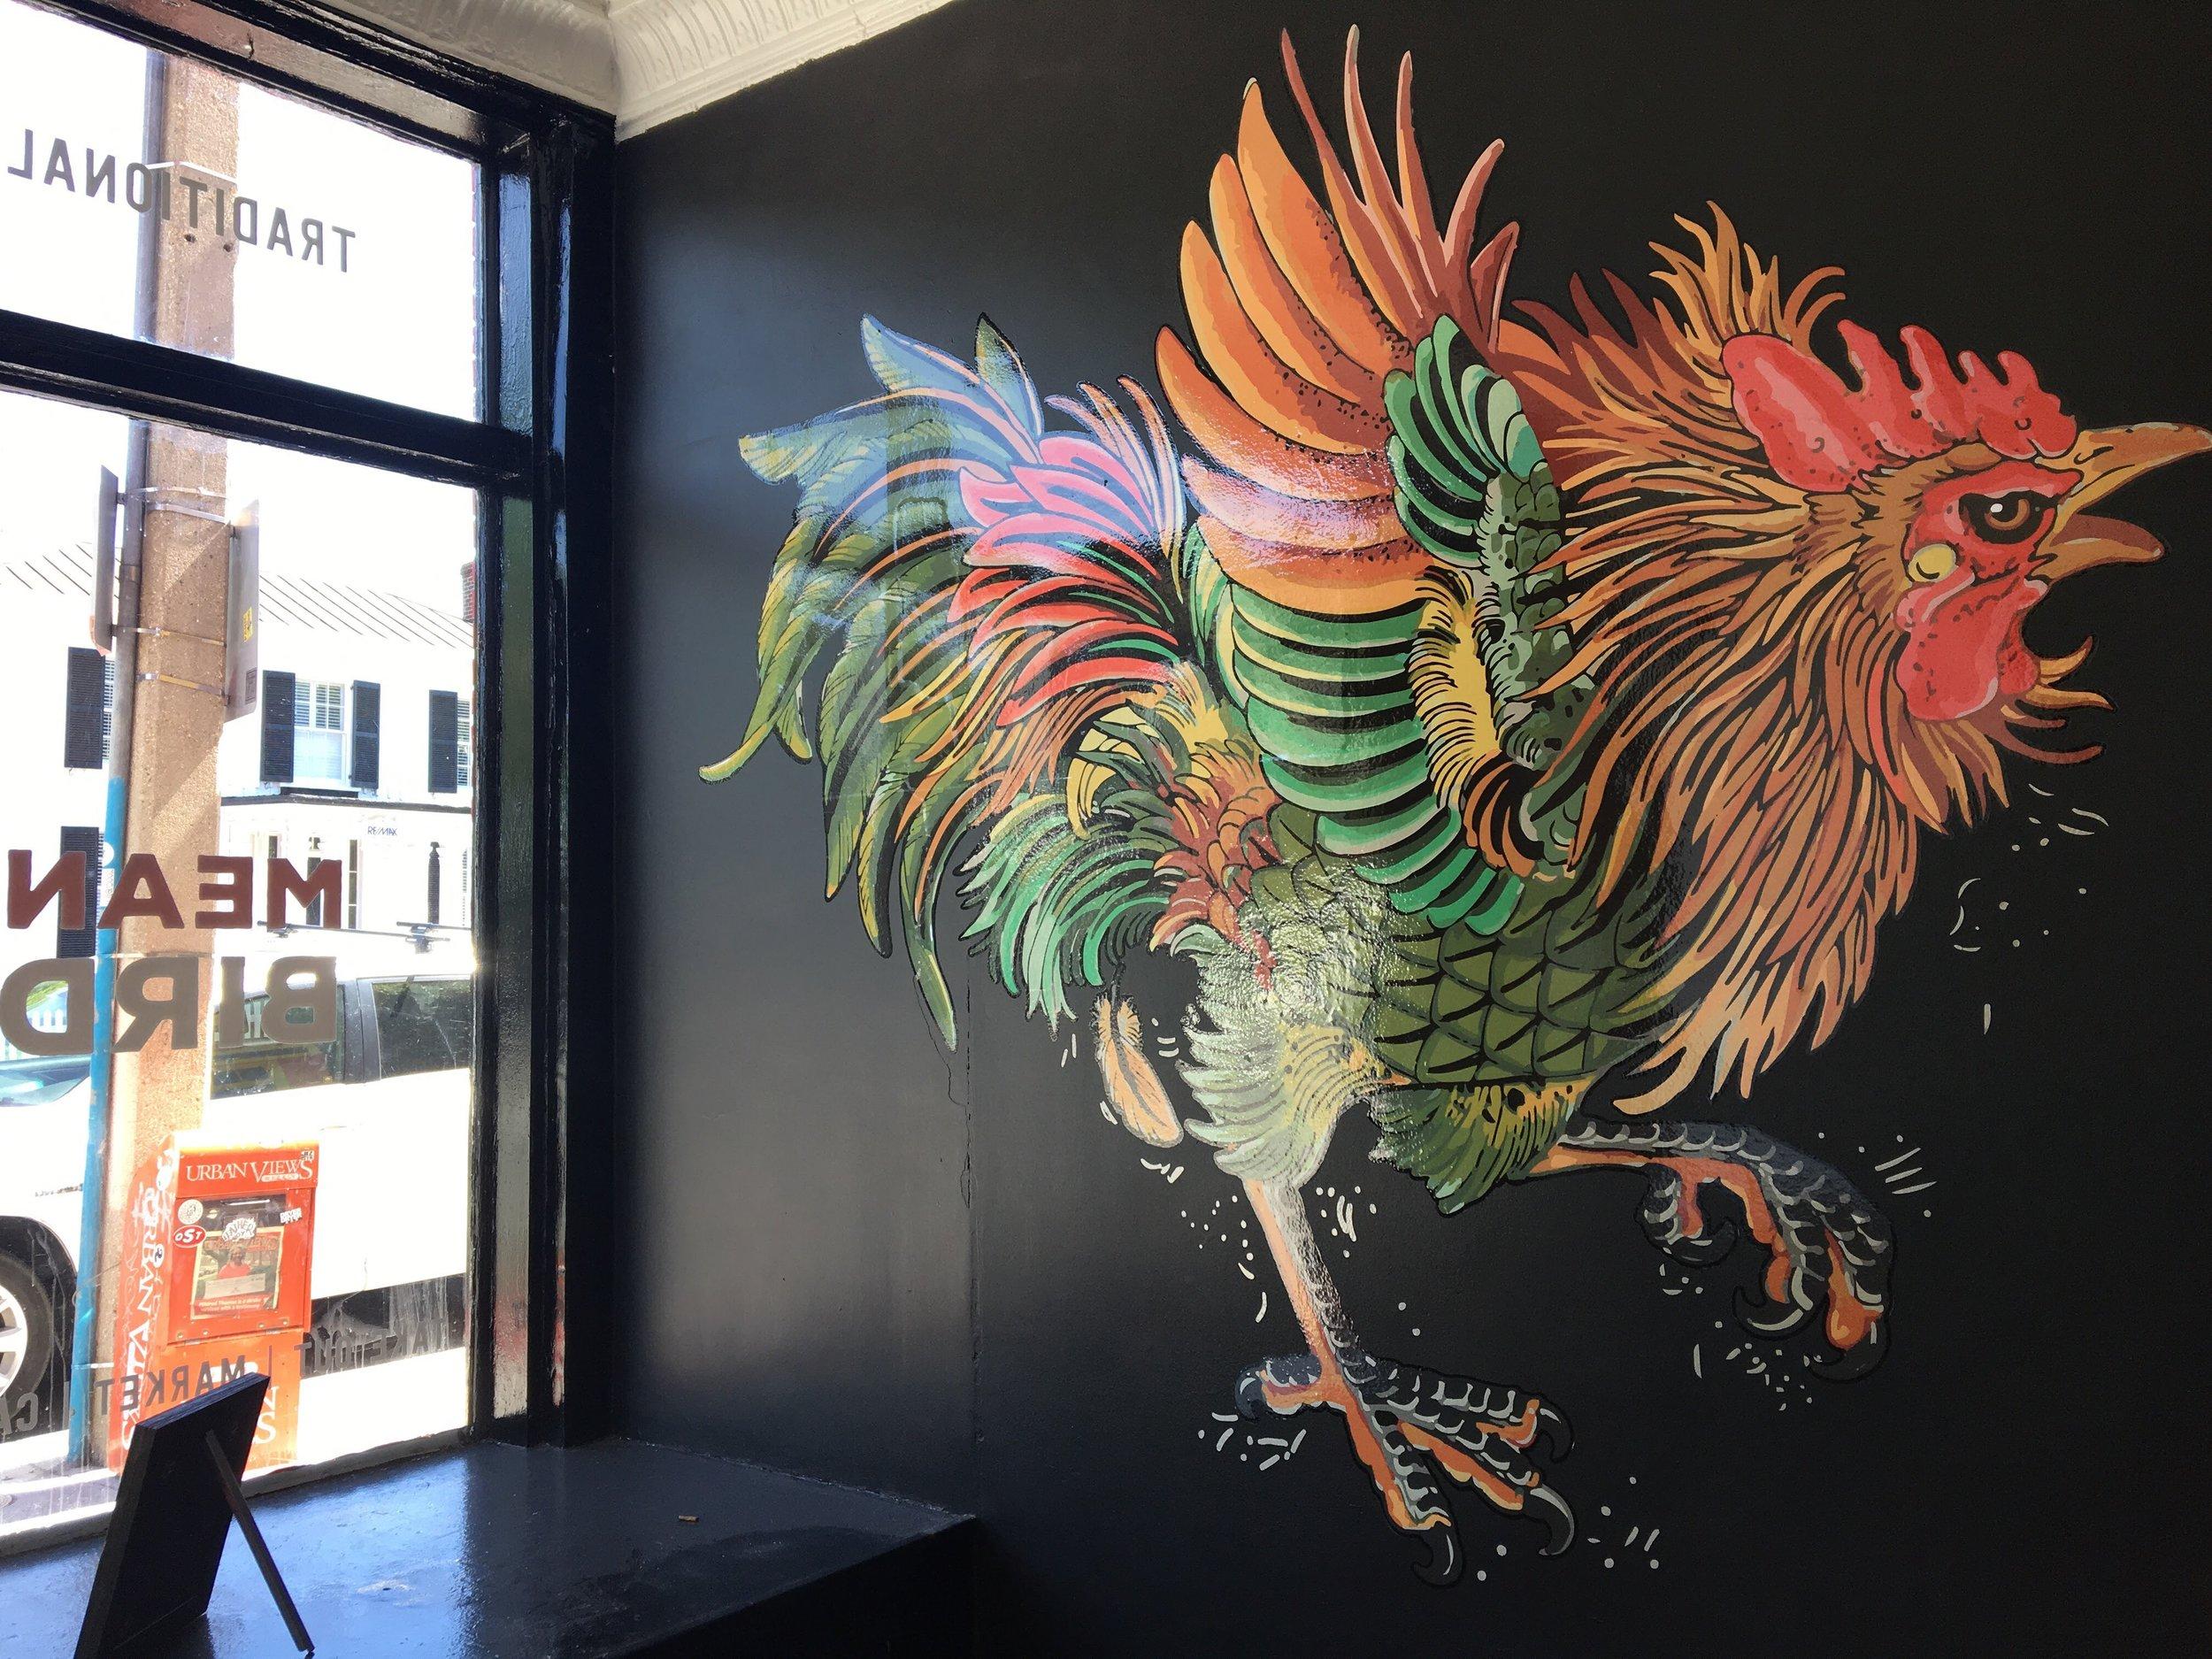 The bird is mean, but the chicken is niiiiice.